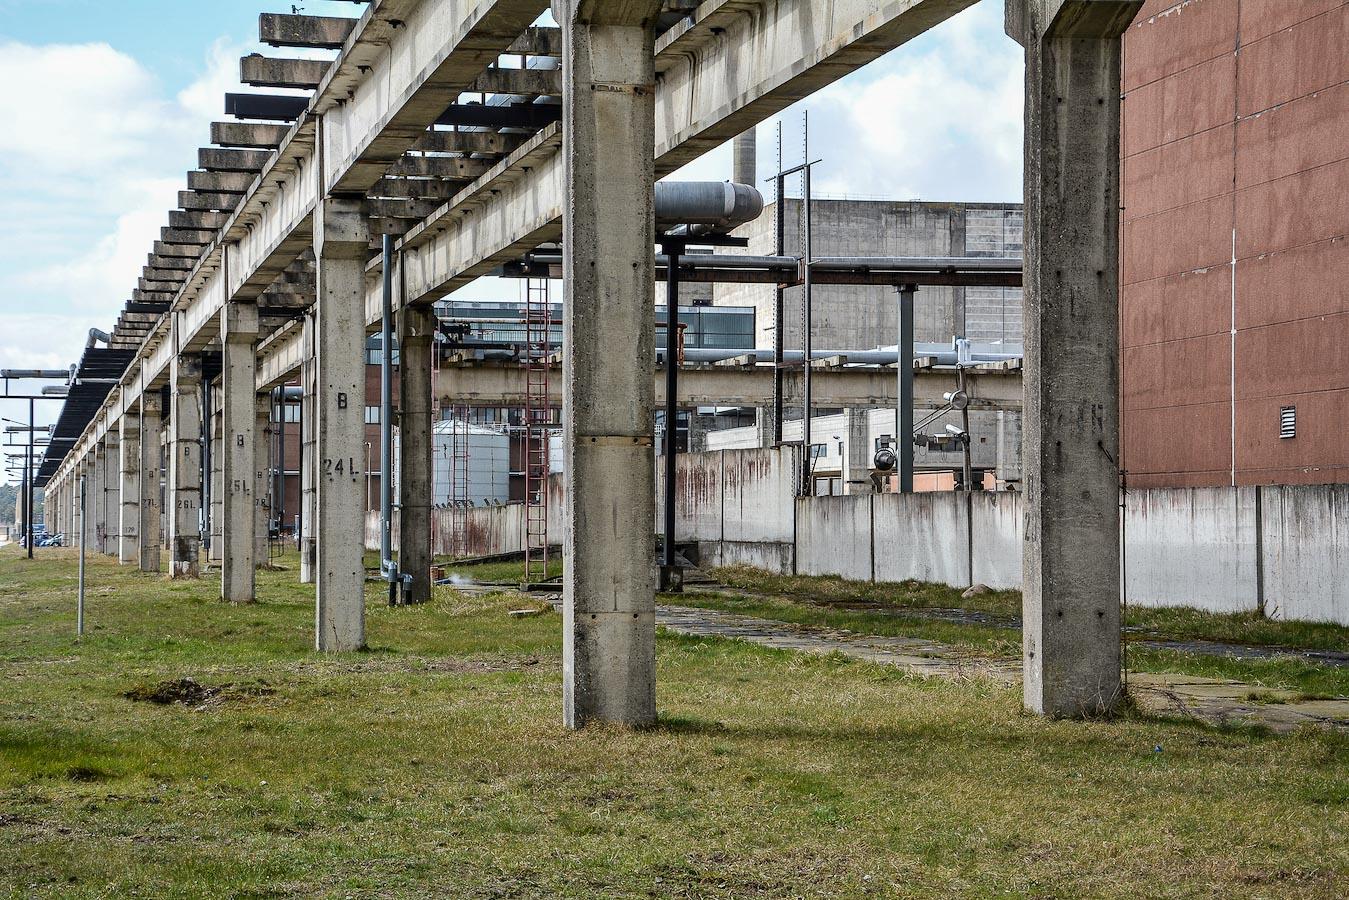 beton bauten concrete infrastructure kernkraftwerk greifswald nuclear powerplant ost deutschland east germany gdr DDR mecklenburg vorpommern